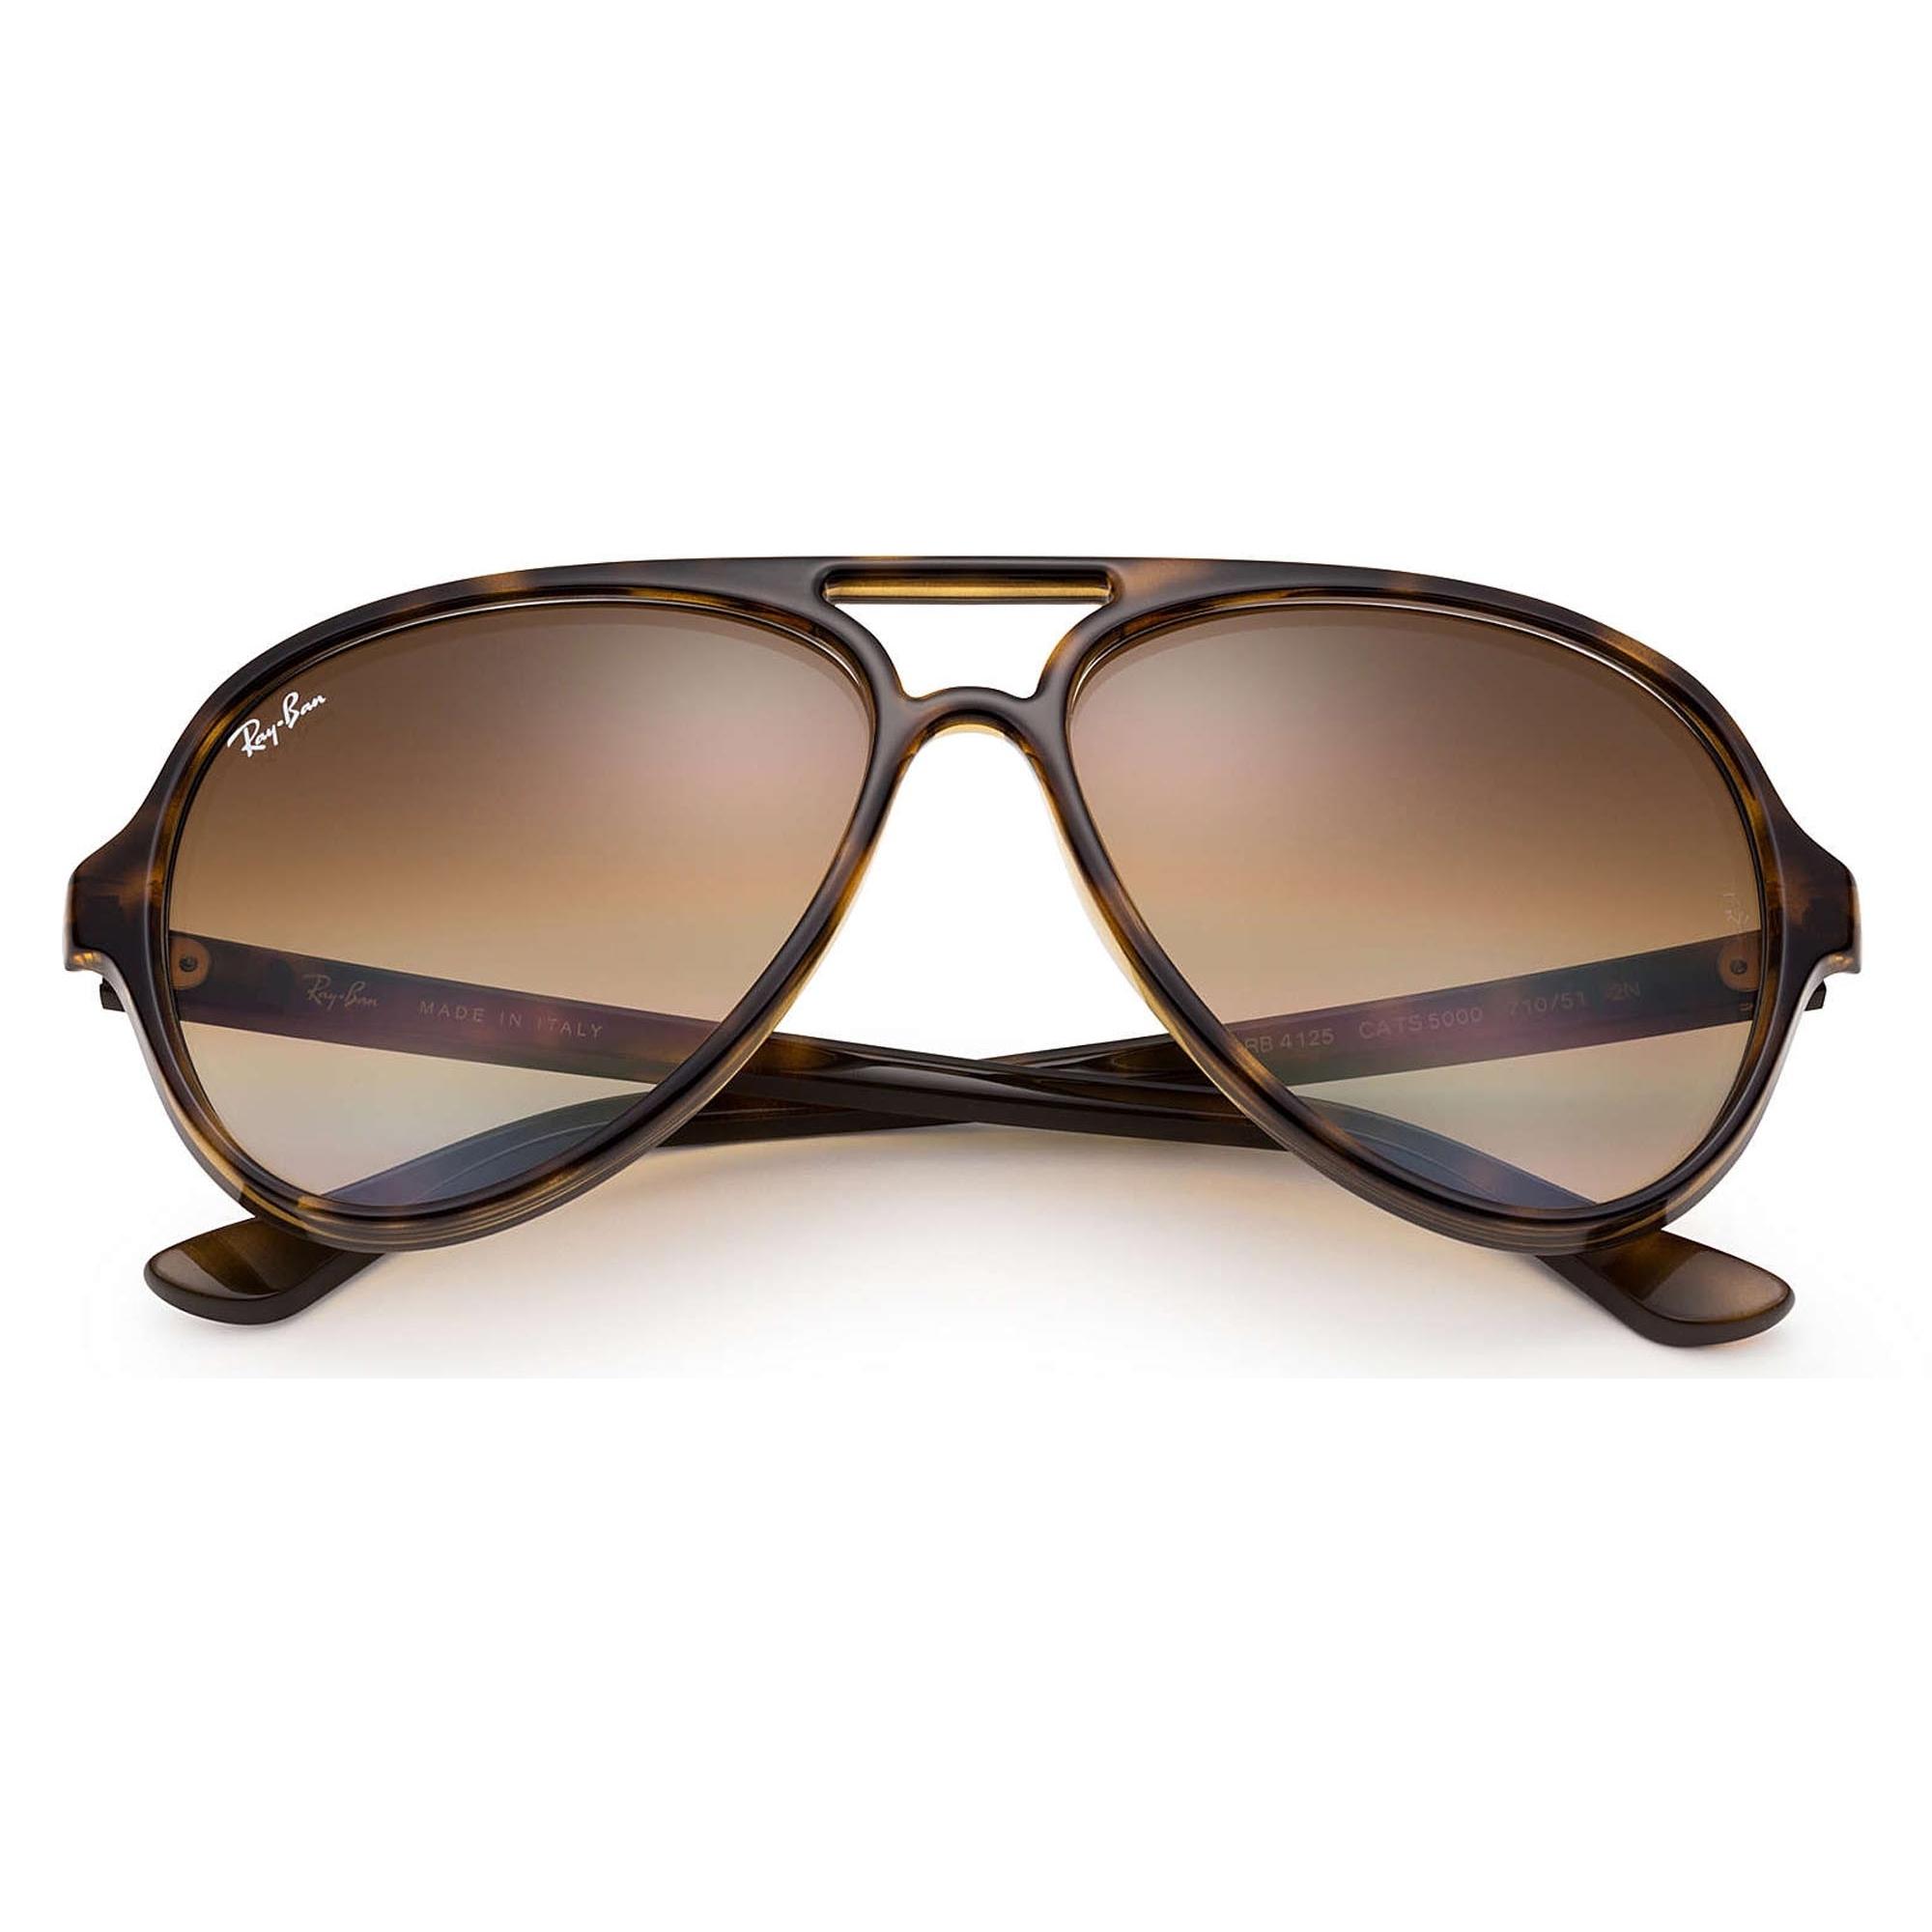 Tortoise Cats 5000 Classic Sunglasses - Light Brown Gradient Lenses 01ae7554ad